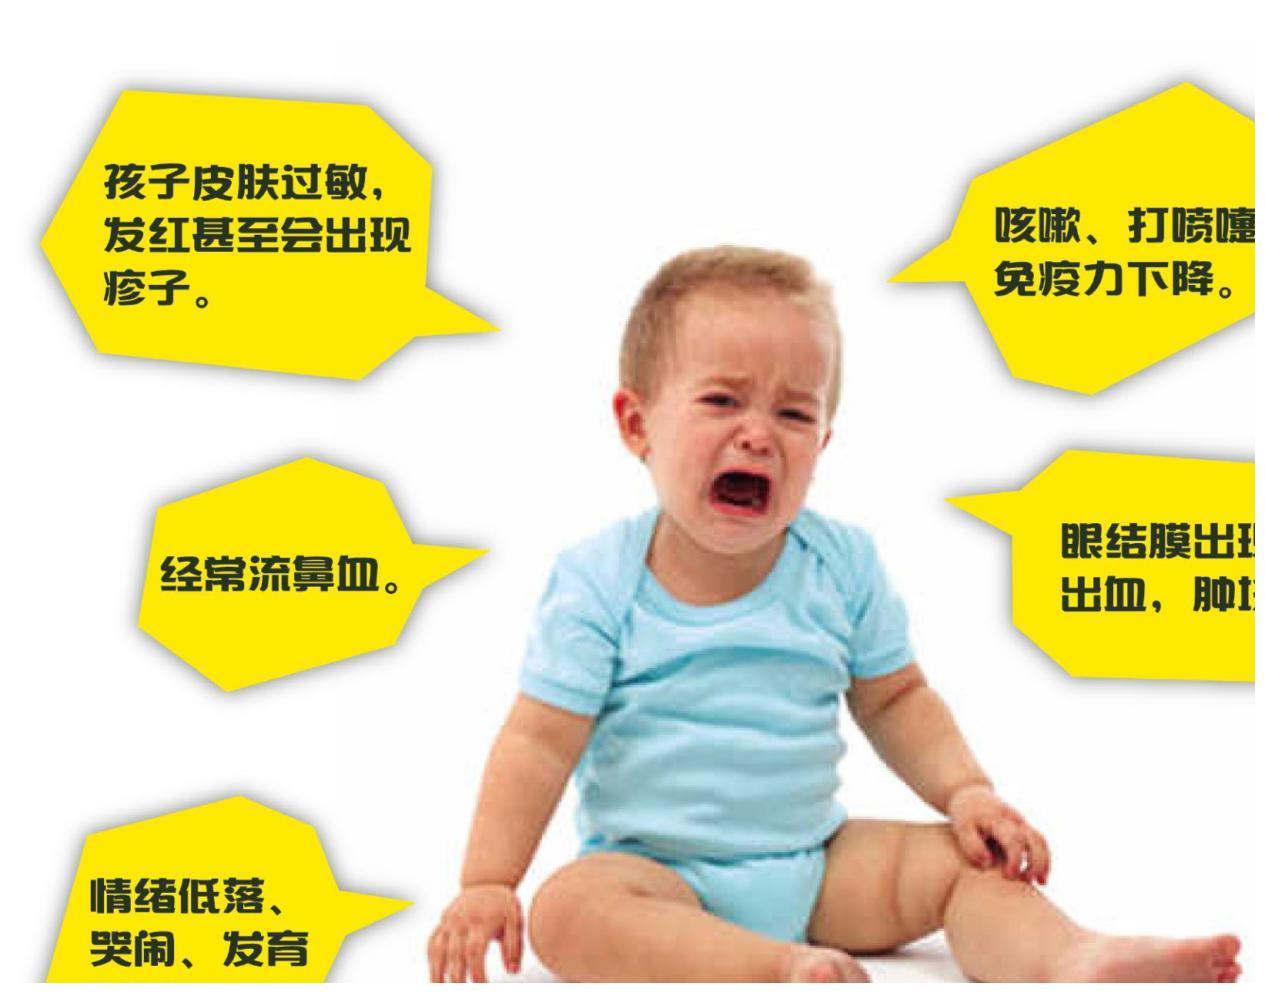 劣质童装含有大量甲醛,家长要当心!除甲醛用这几招,简单有效!